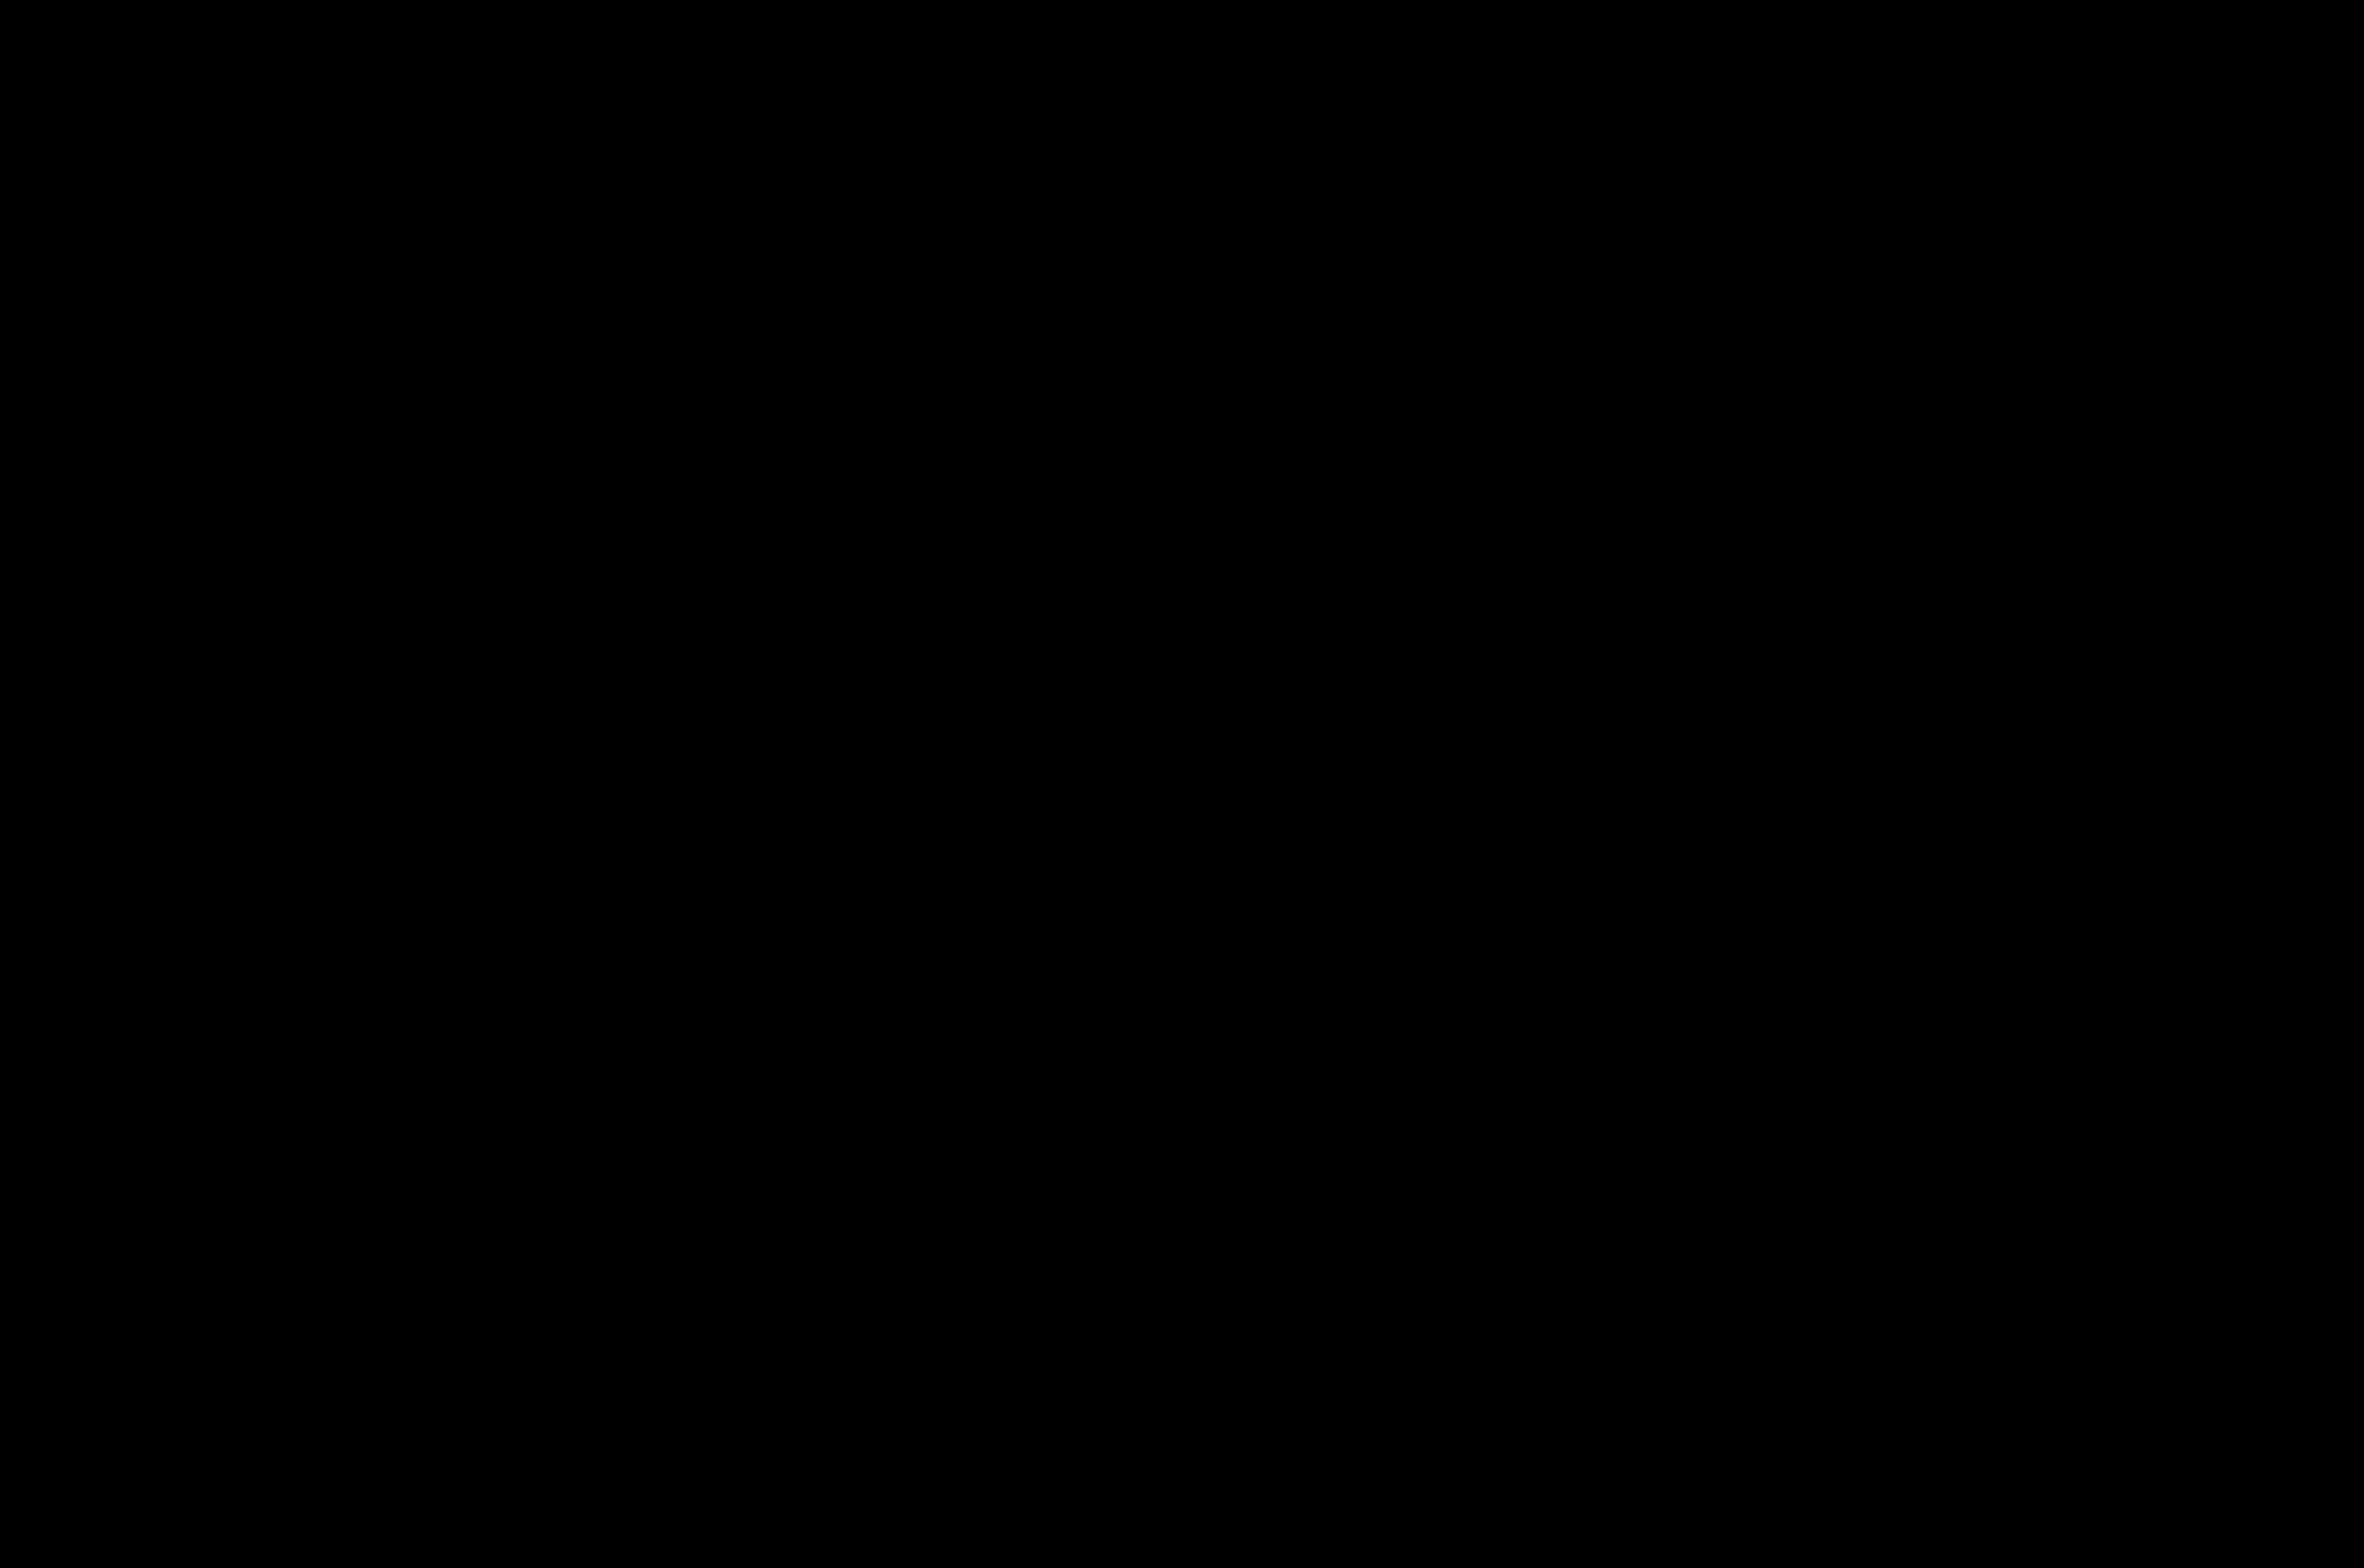 Claudia Stanco